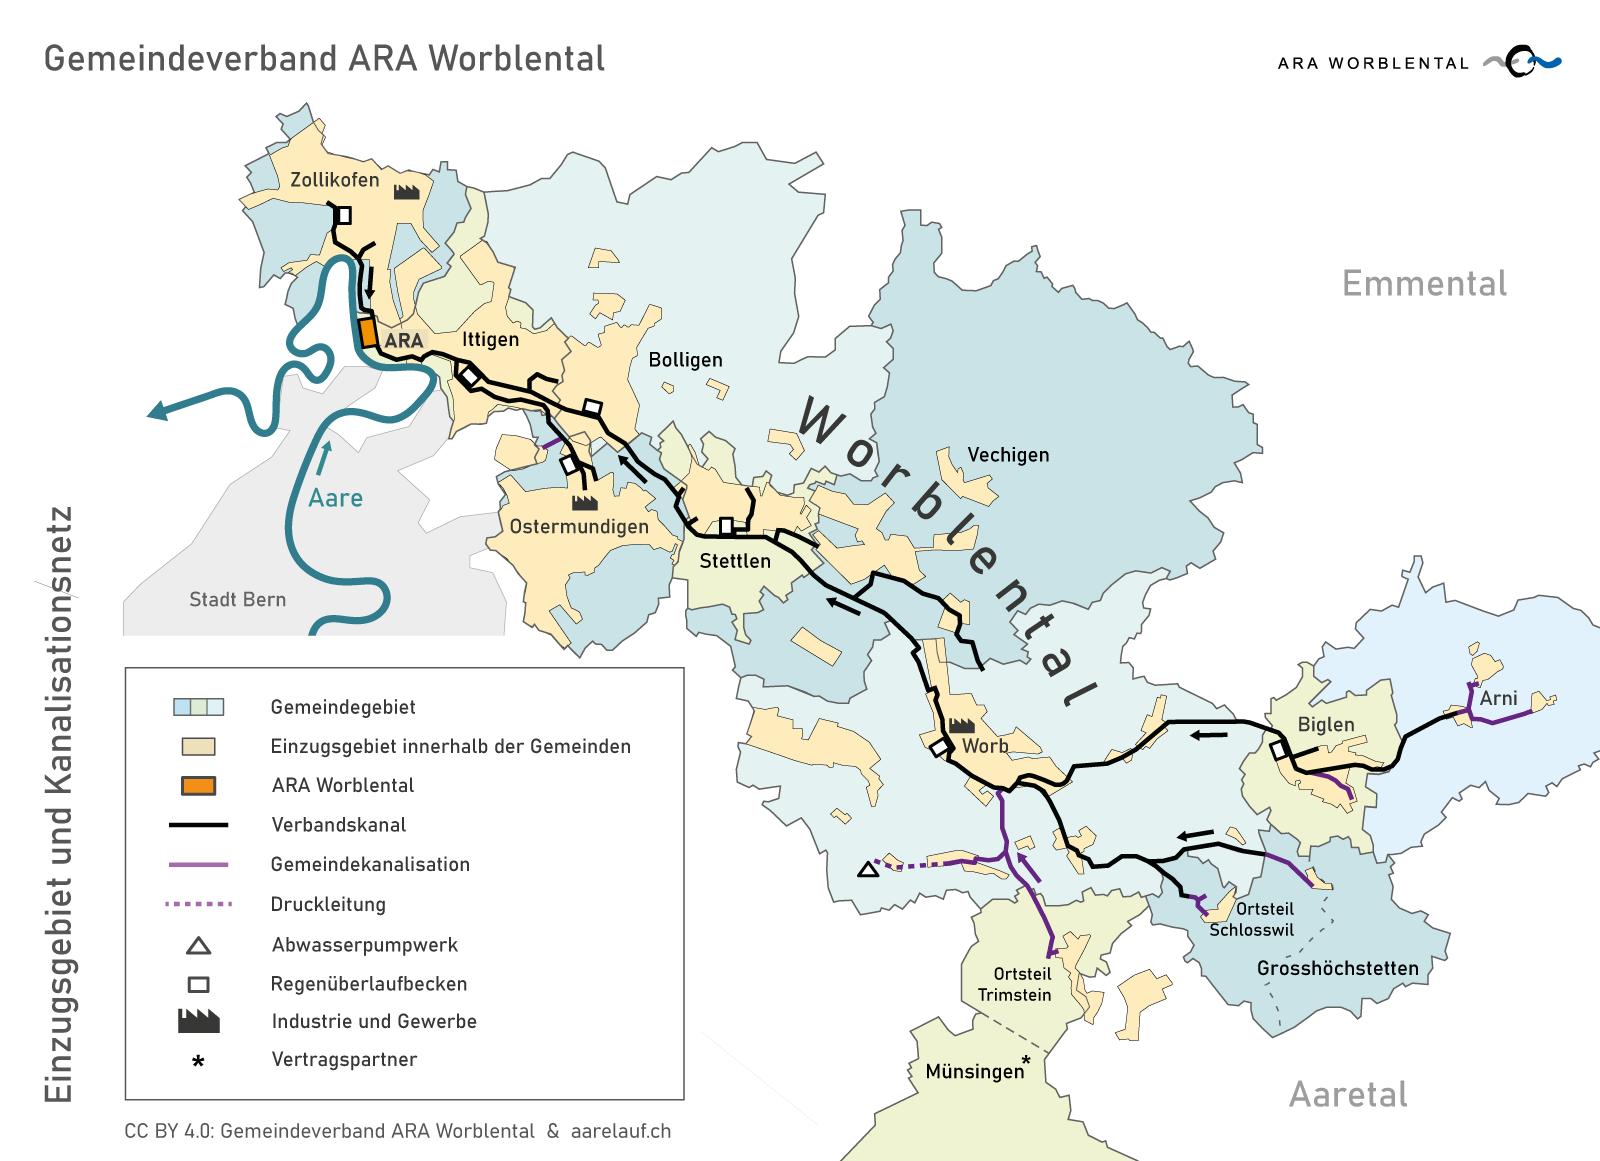 gemeindeverband-ara-worblental_einzugsgebiet_kanalisationsnetz_verbandsgemeinden_2018